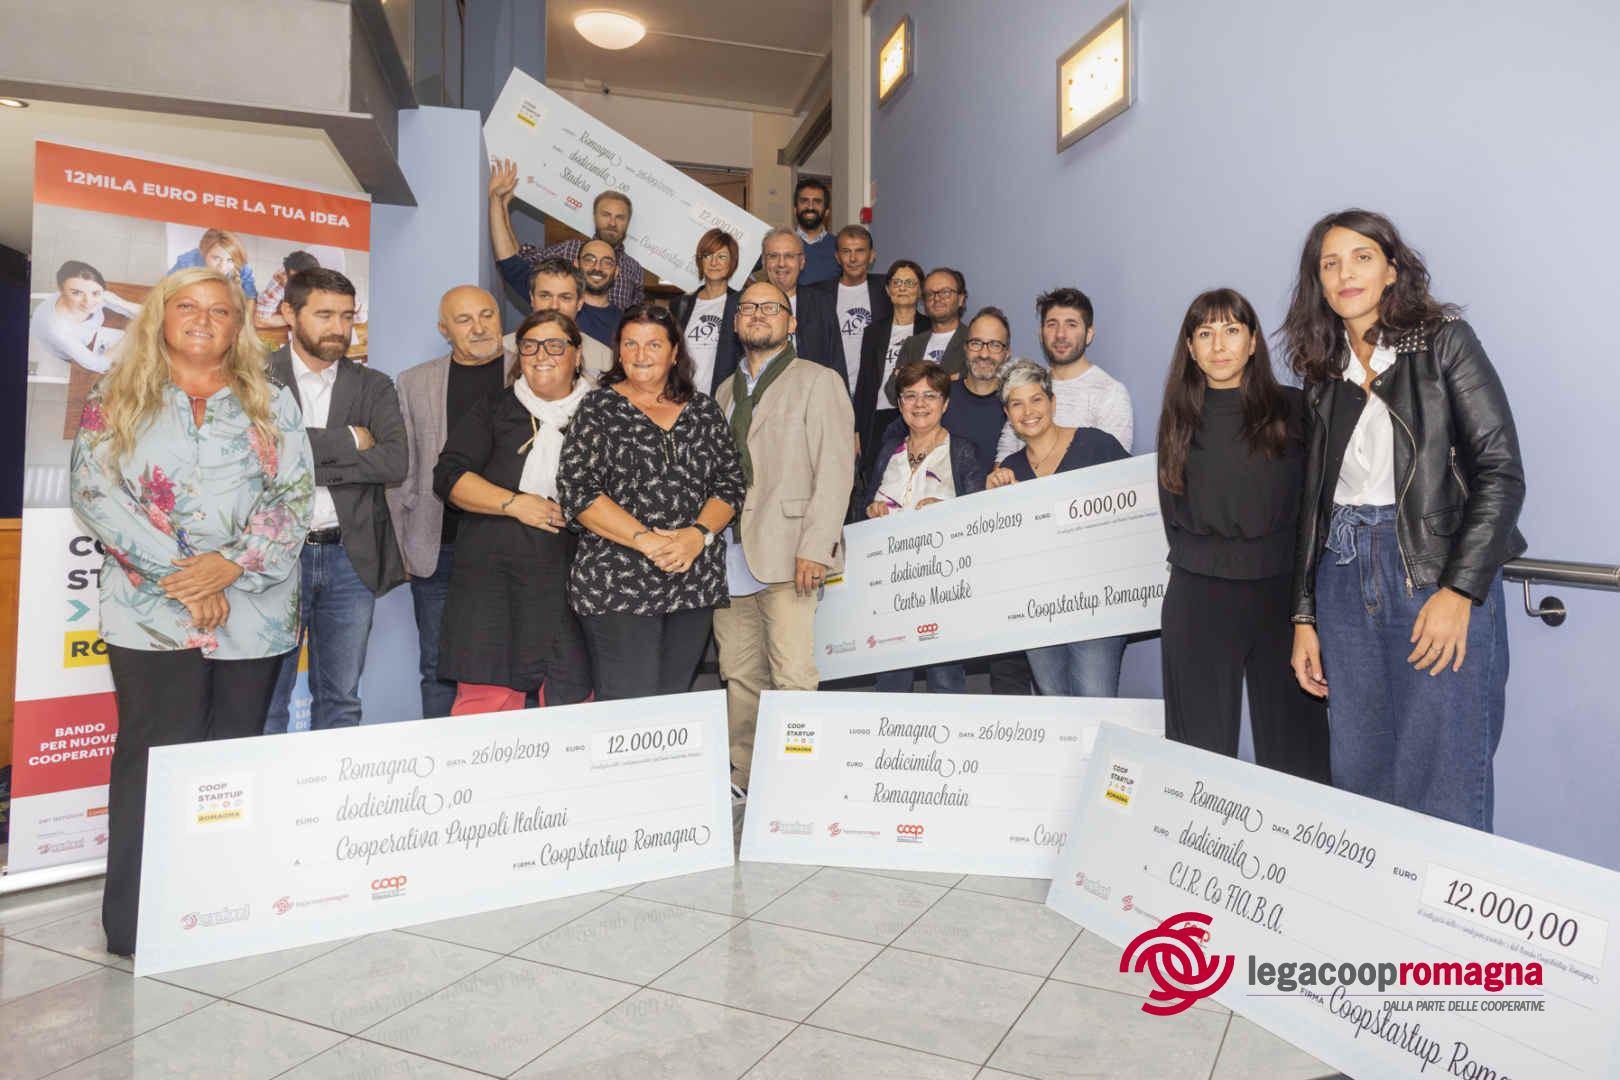 Coopstartup Romagna II, 6 progetti sul podio e 60mila euro di premi